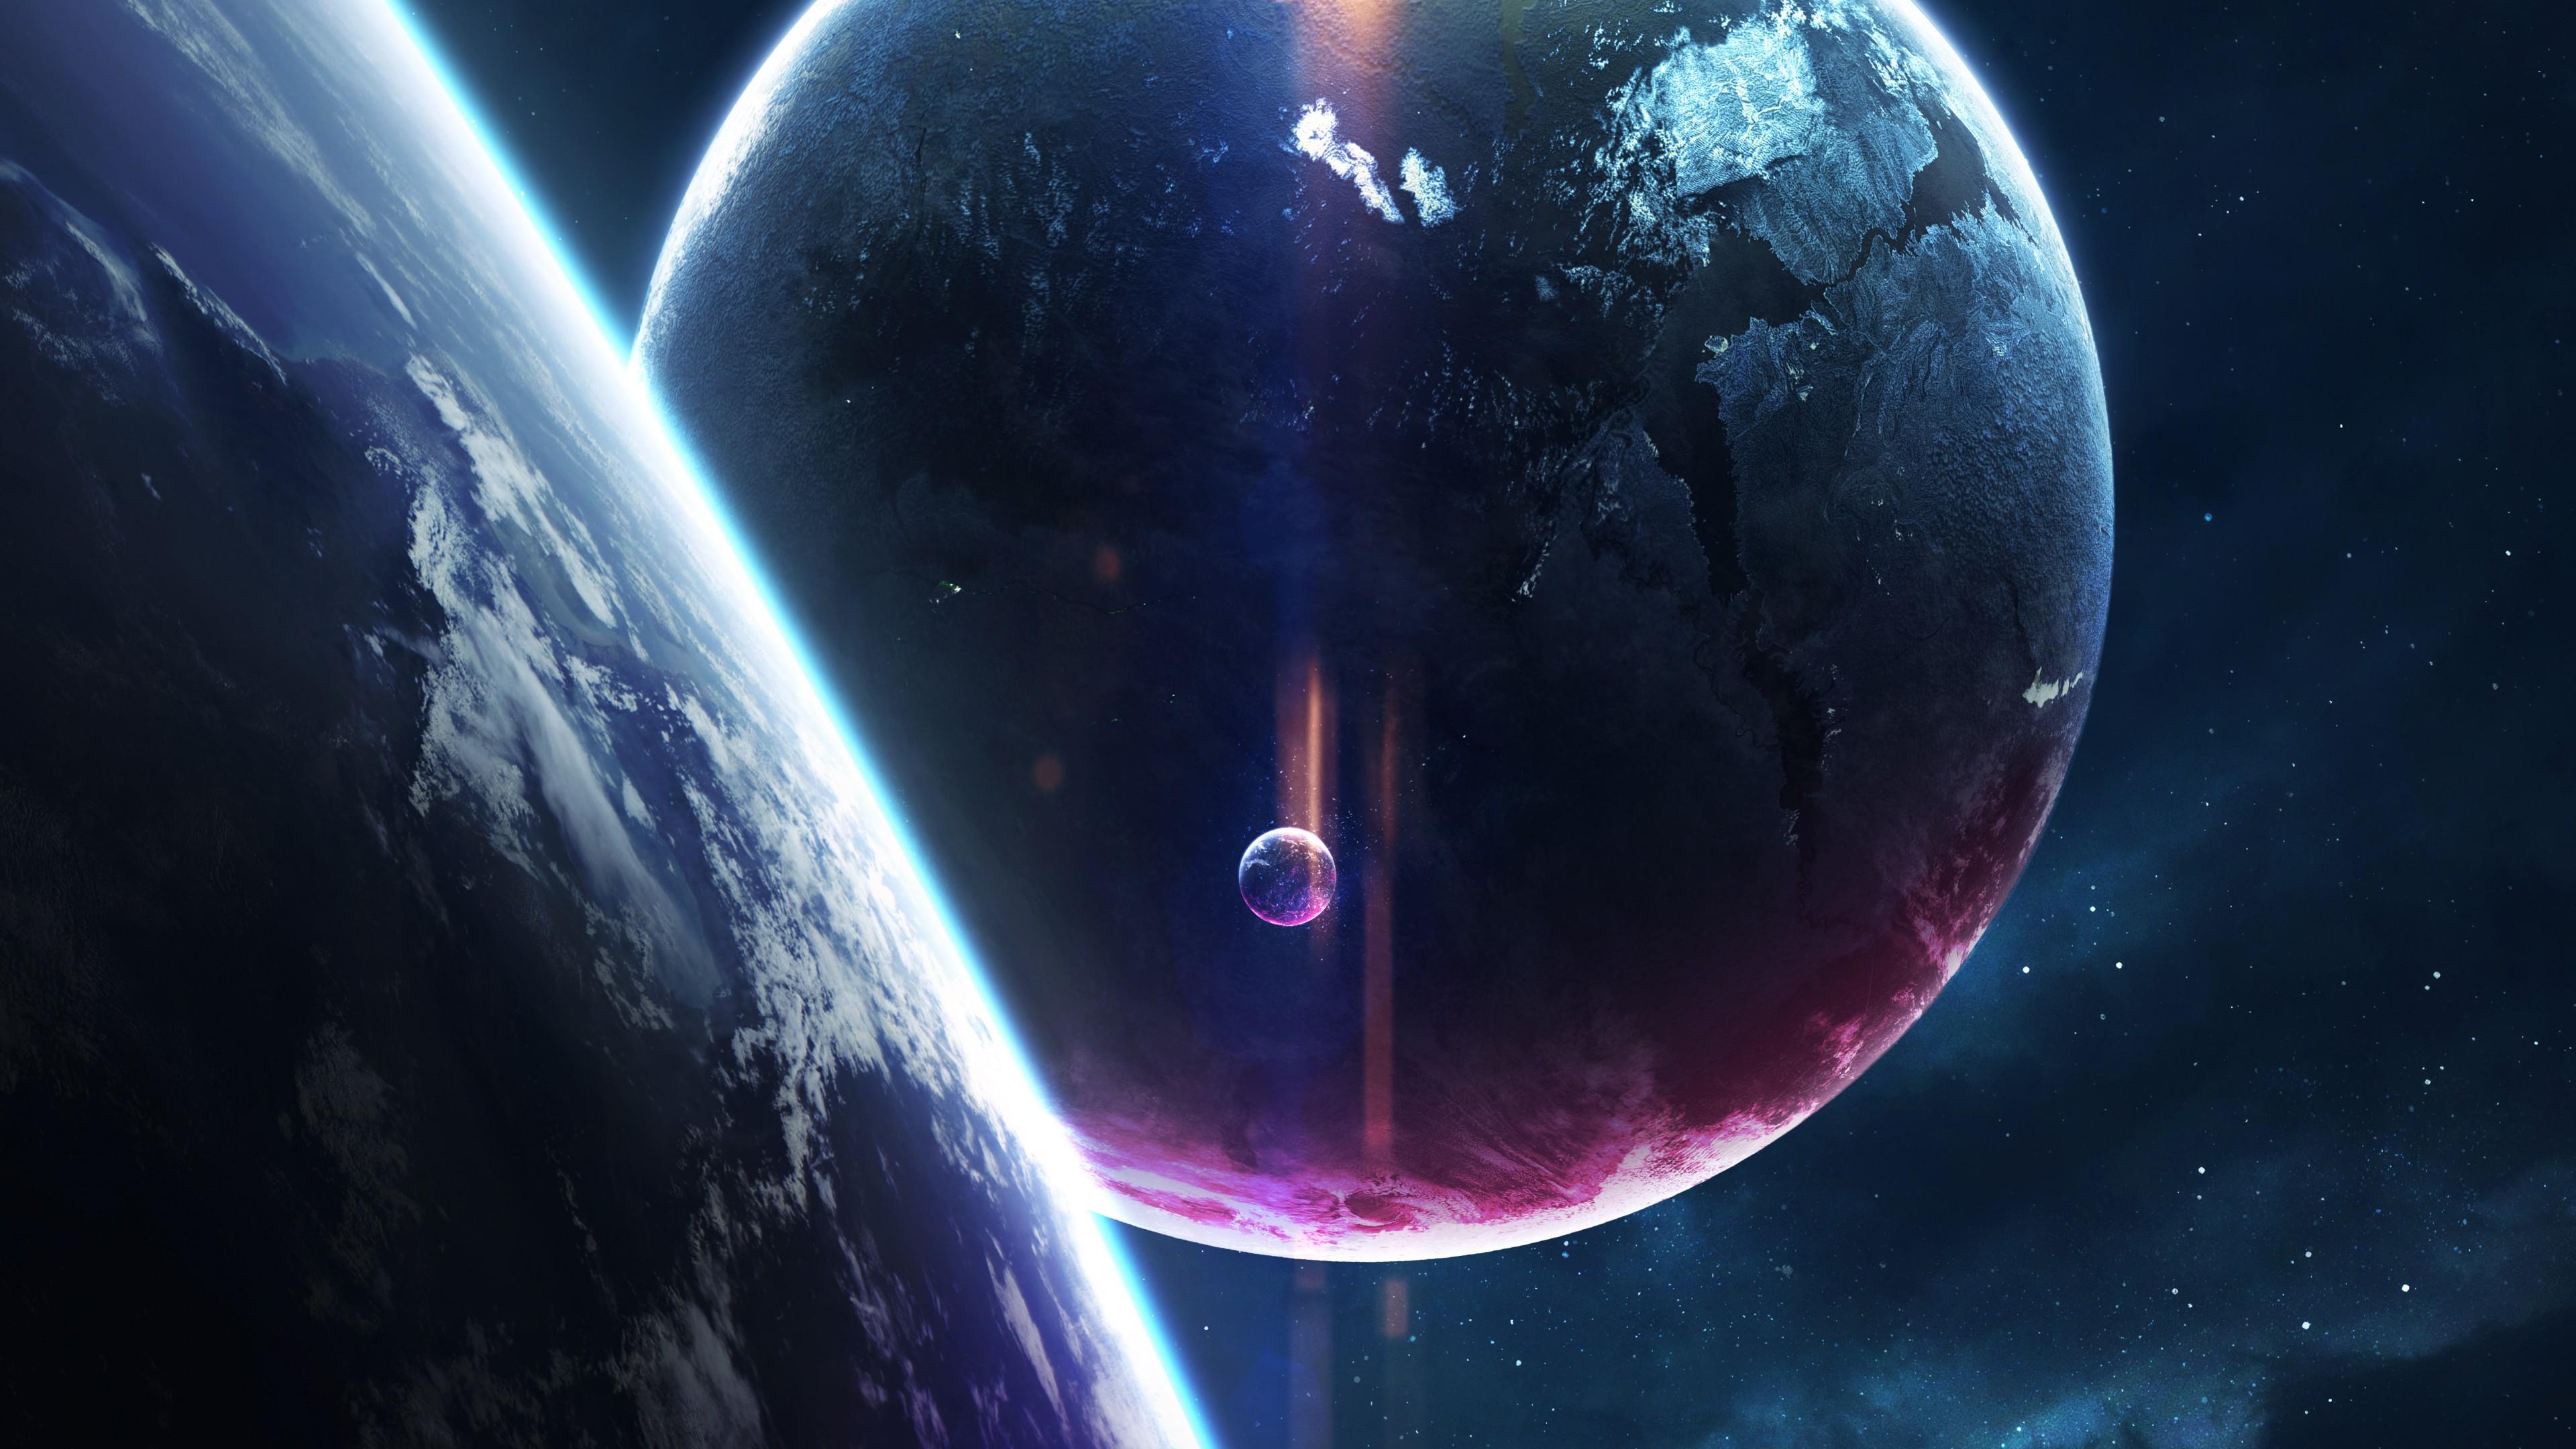 Земля и ее космический спутник Луна в отблесках,бликах звездной Вселенной